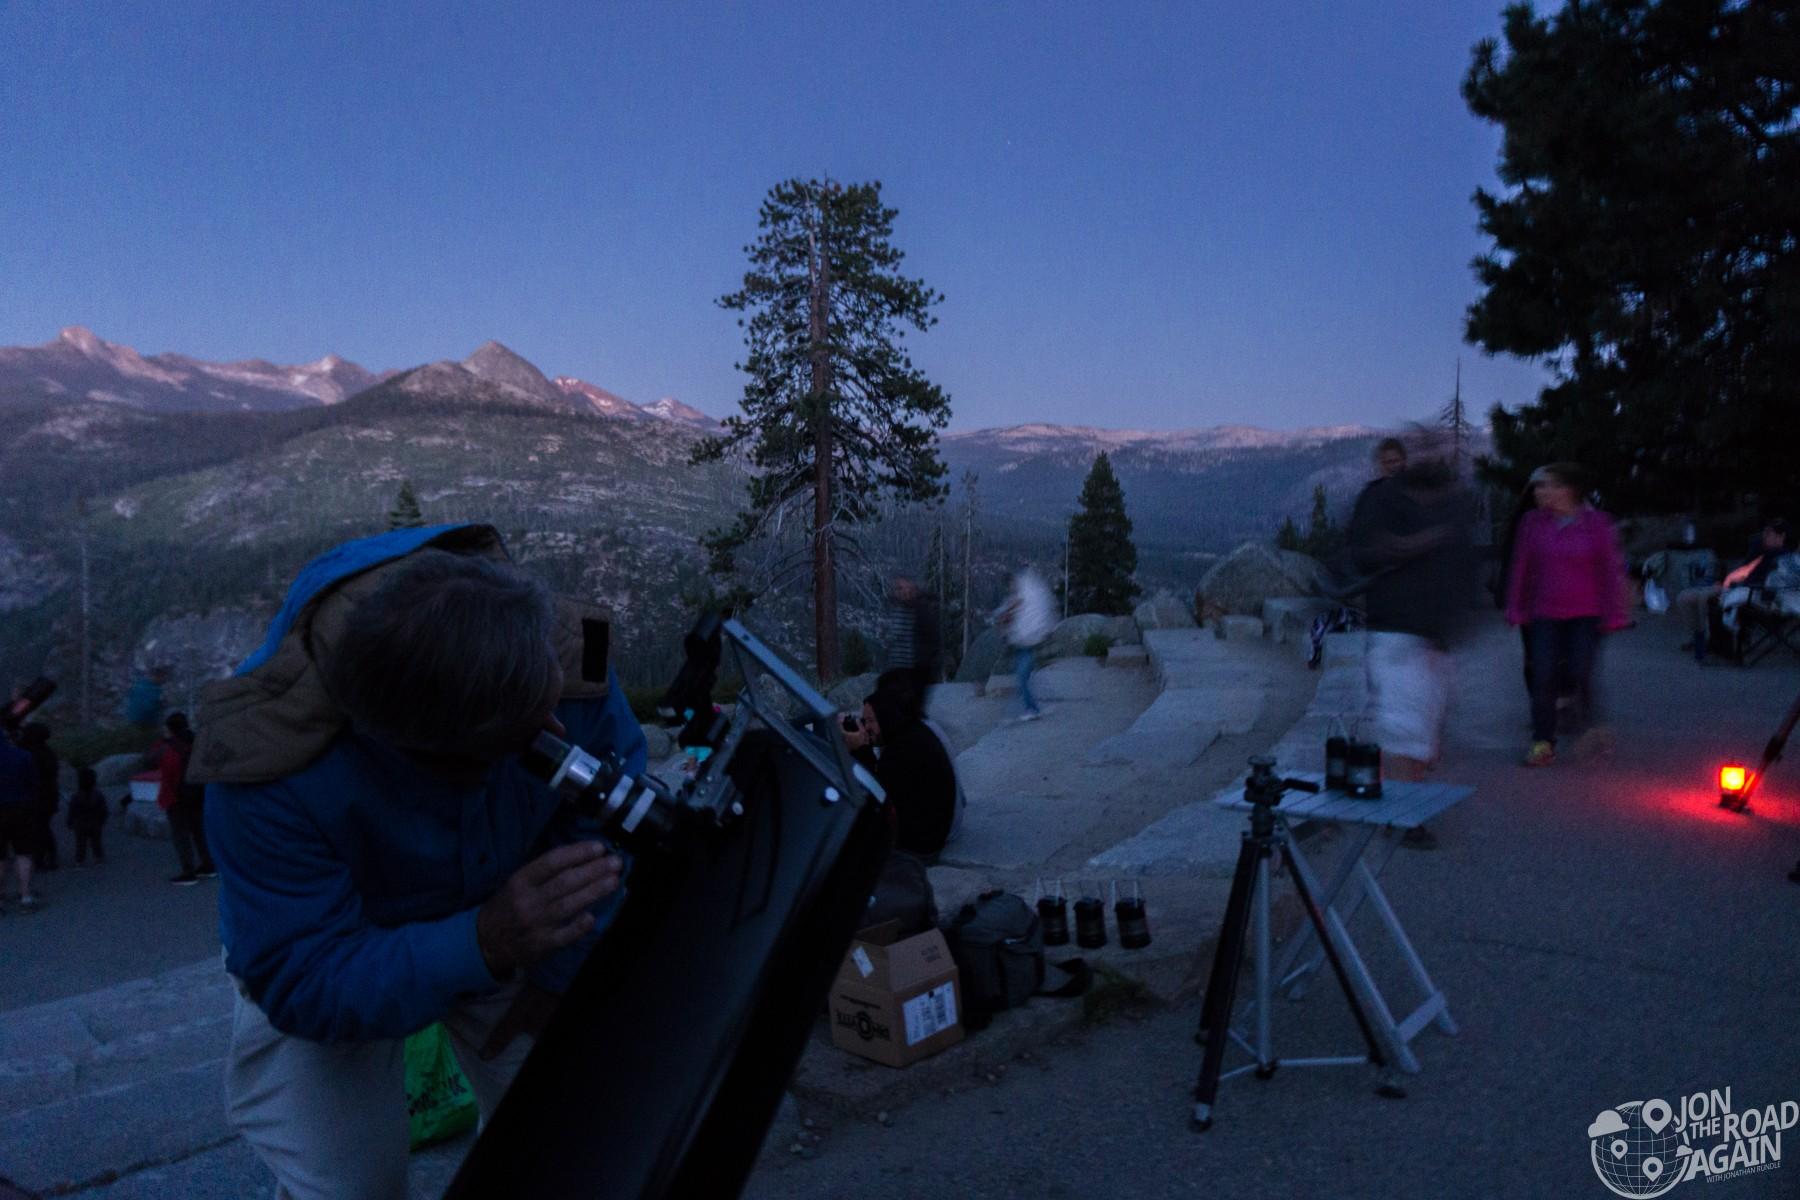 Glacier point star gazing